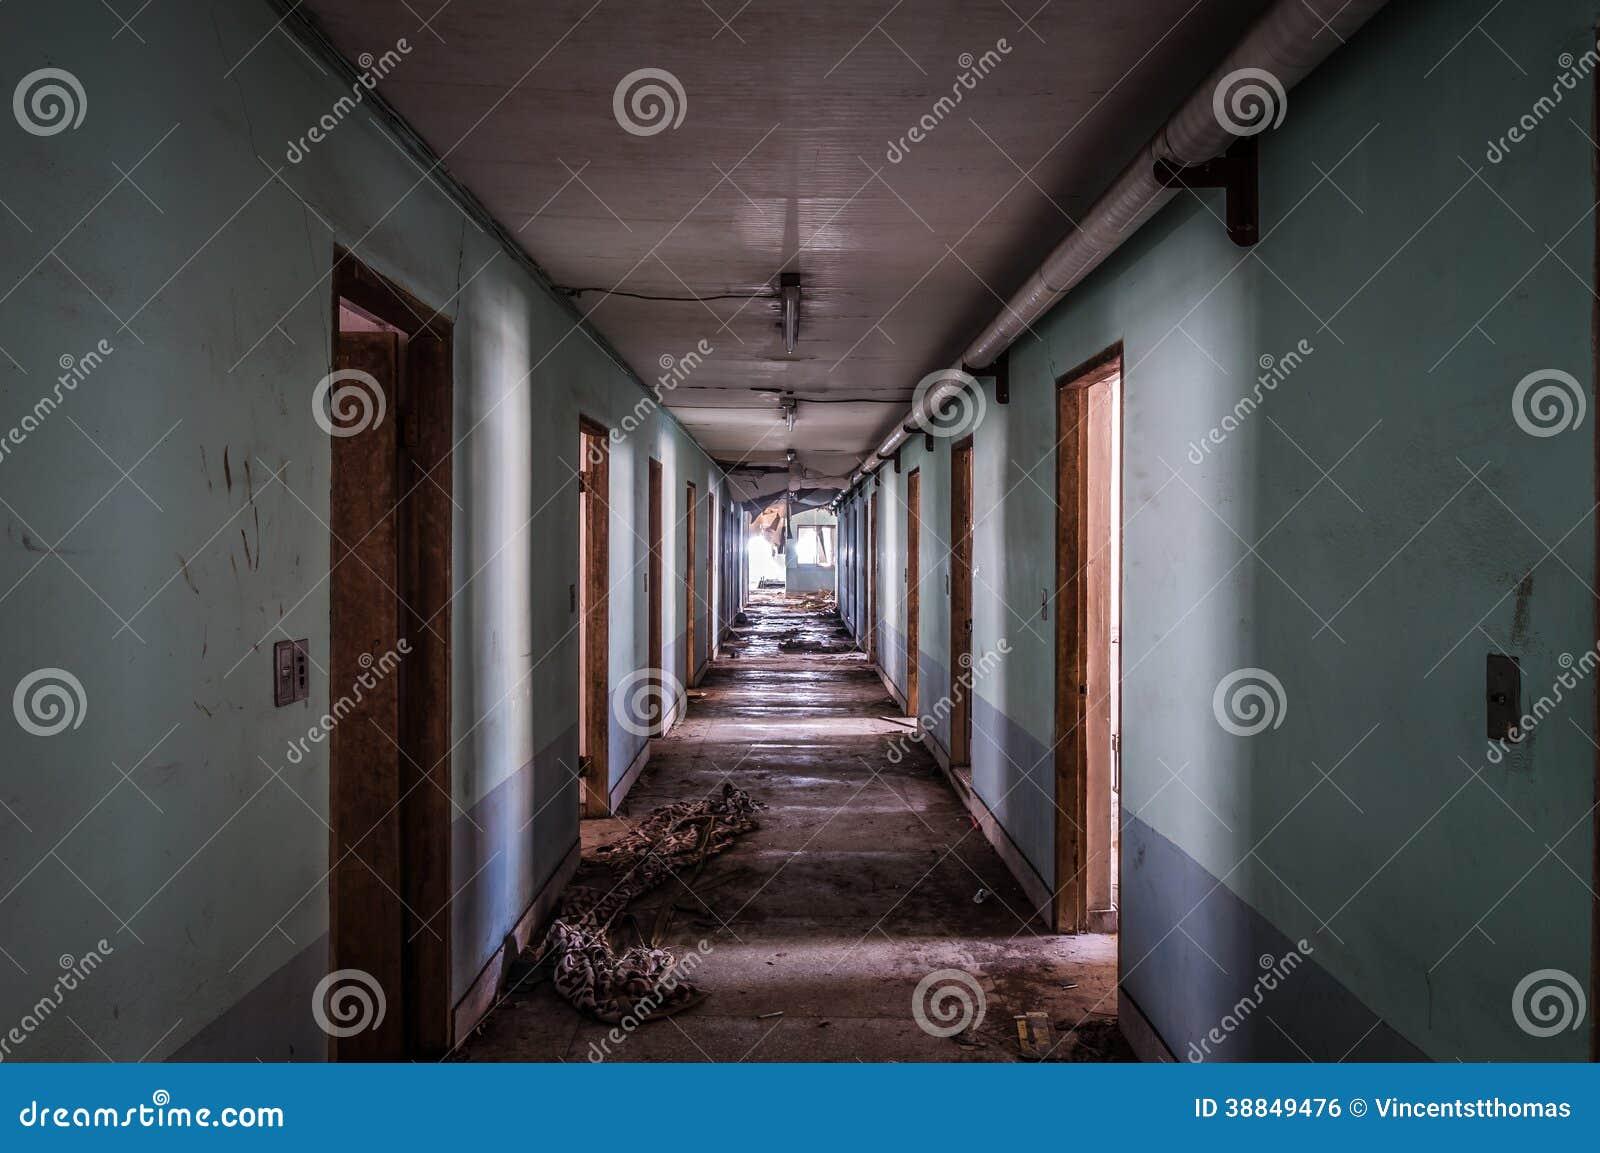 gonjiam精神病院内部在韩国.新建房屋卫生间六合无绝对图片